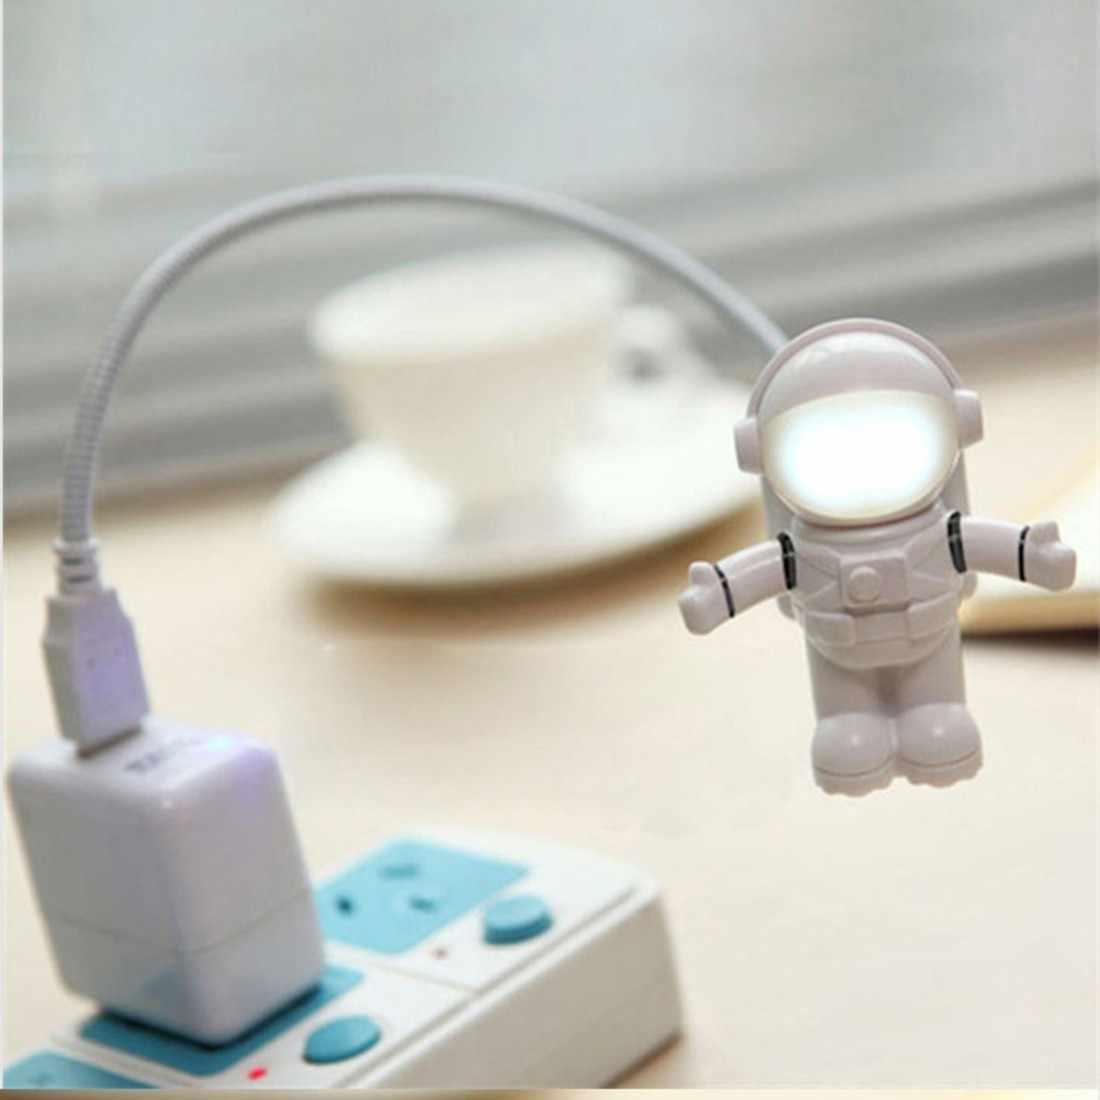 Новое поступление крутой новый космонавт USB светодиодный регулируемый ночной Светильник для компьютера PC лампа Настольный светильник чистый белый